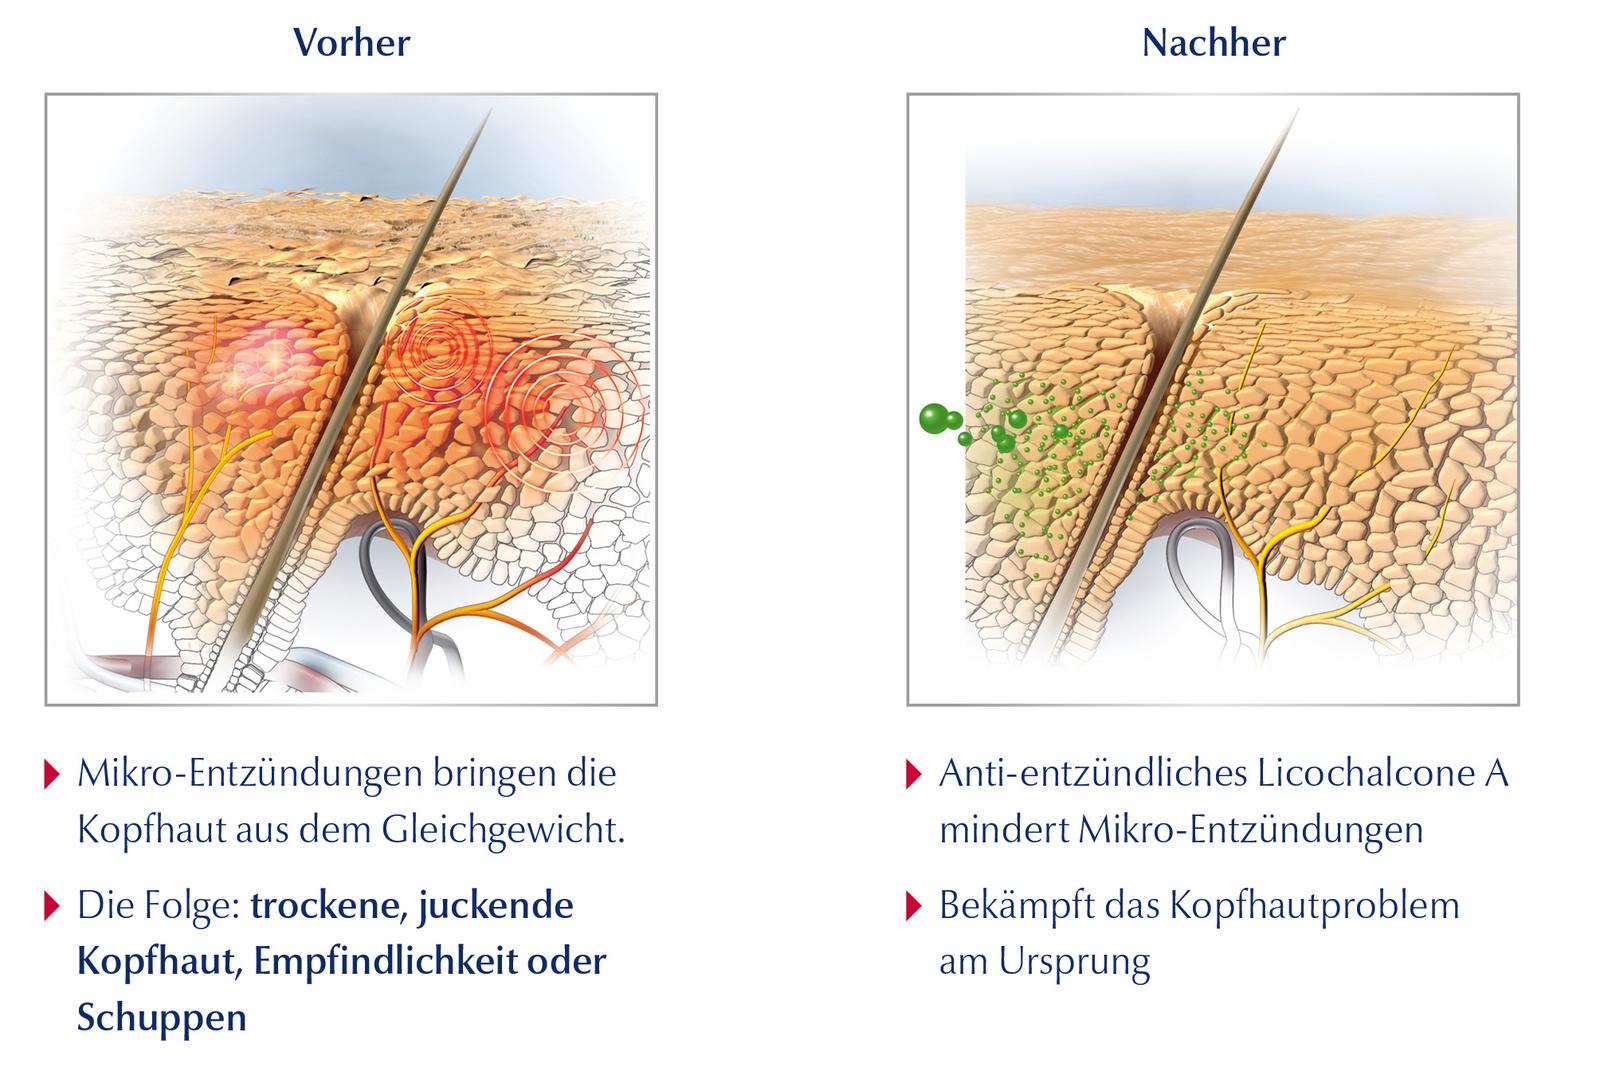 Eucerin - Kopfhaut und Haar Vorher und Nacher